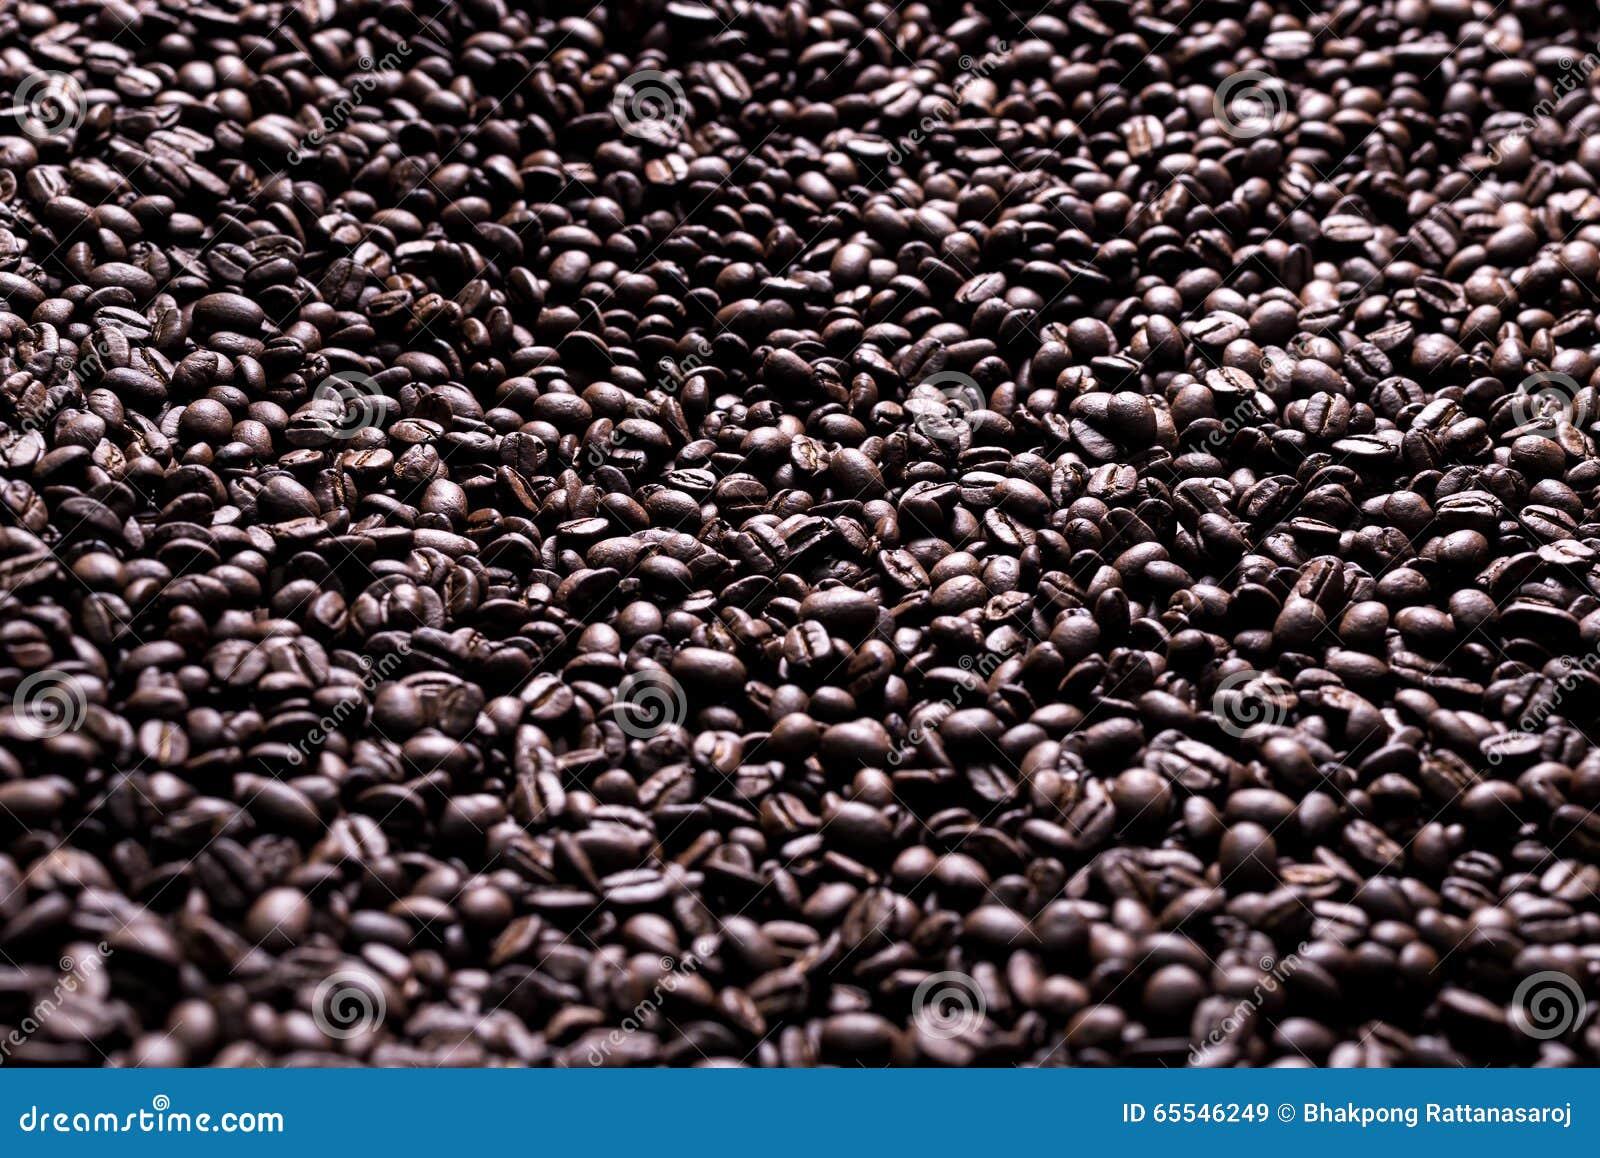 Koffiereeks: De achtergrond van koffiebonen